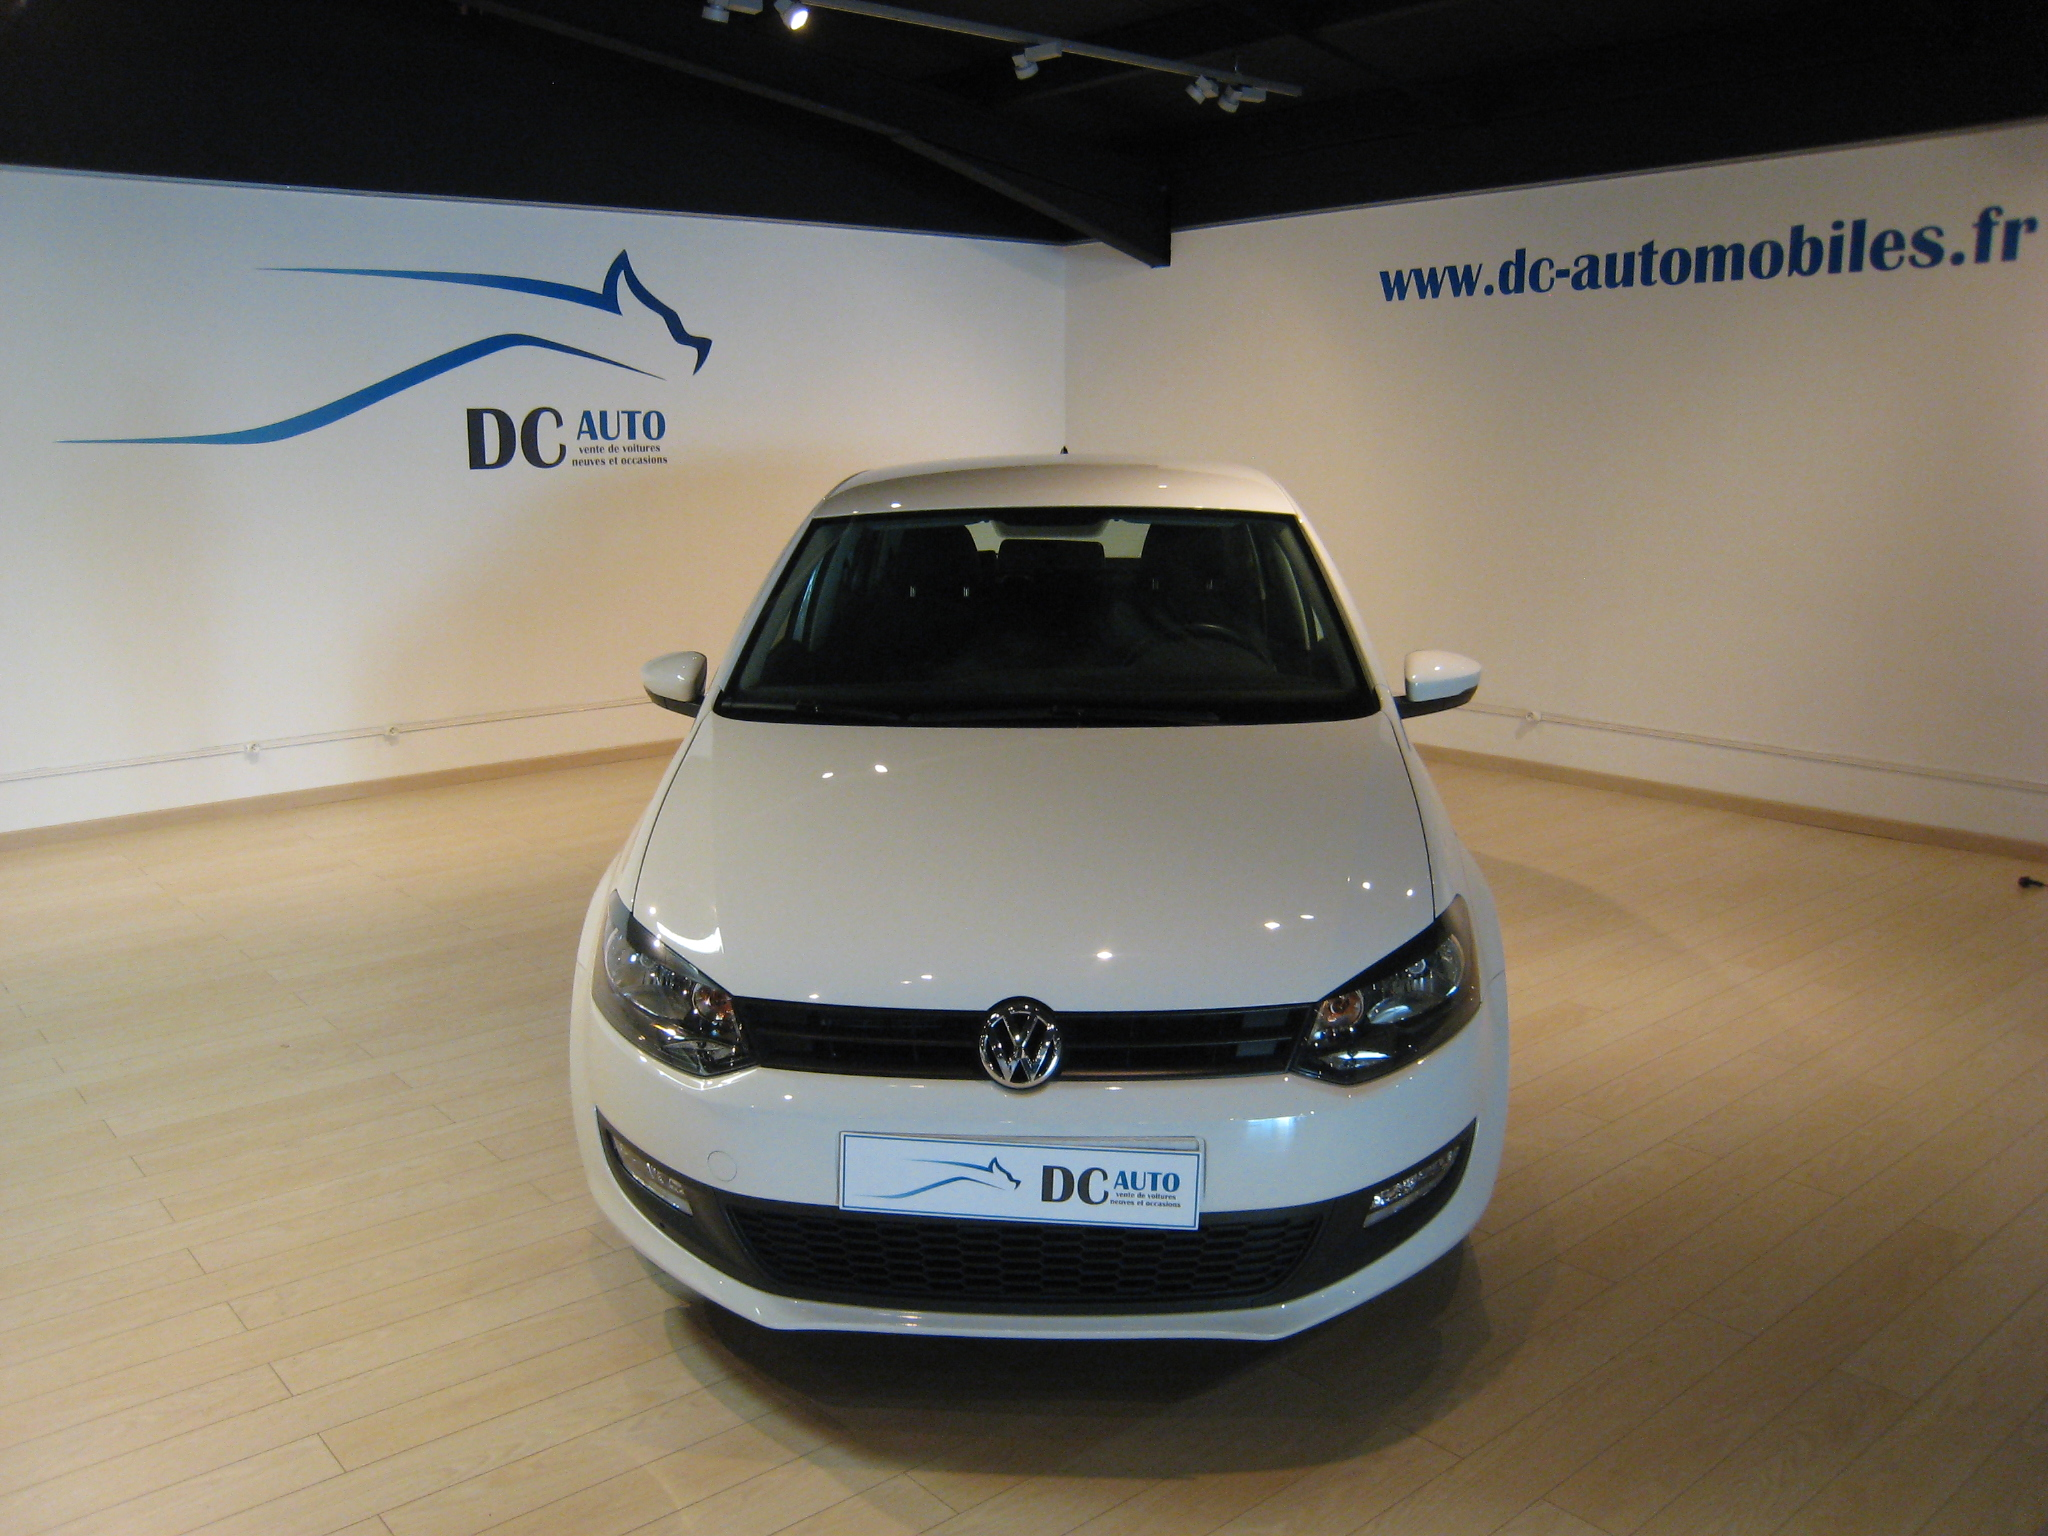 voiture 90 chevaux golf 2 champ 90 chevaux 1500 euros vente voitures annonces auto et. Black Bedroom Furniture Sets. Home Design Ideas